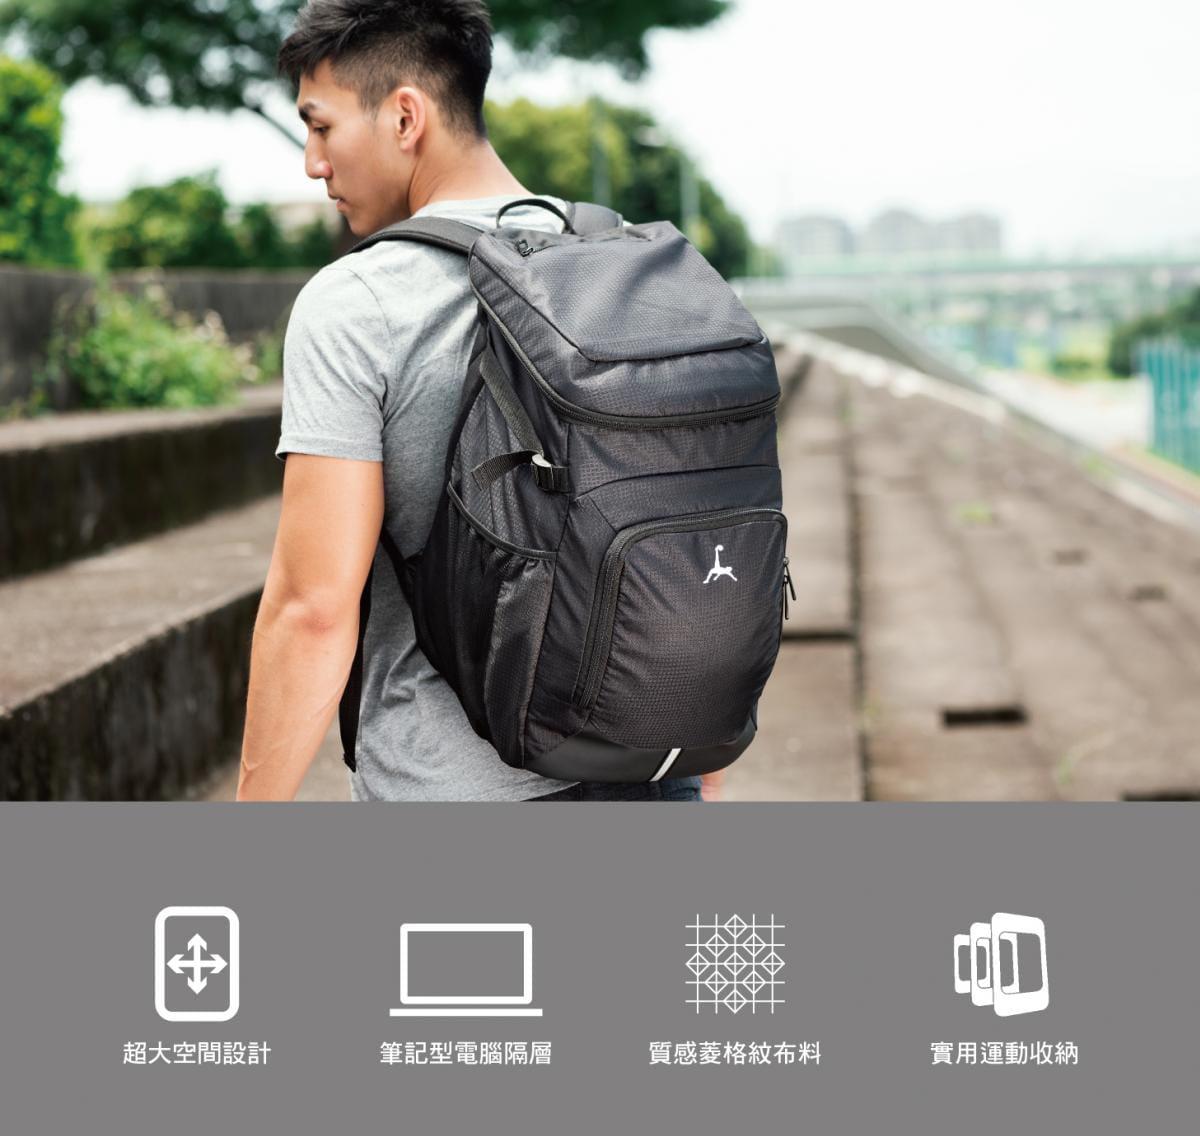 Loopal BLAKE 2.0款 高機能 頂規收納雙肩背包 0